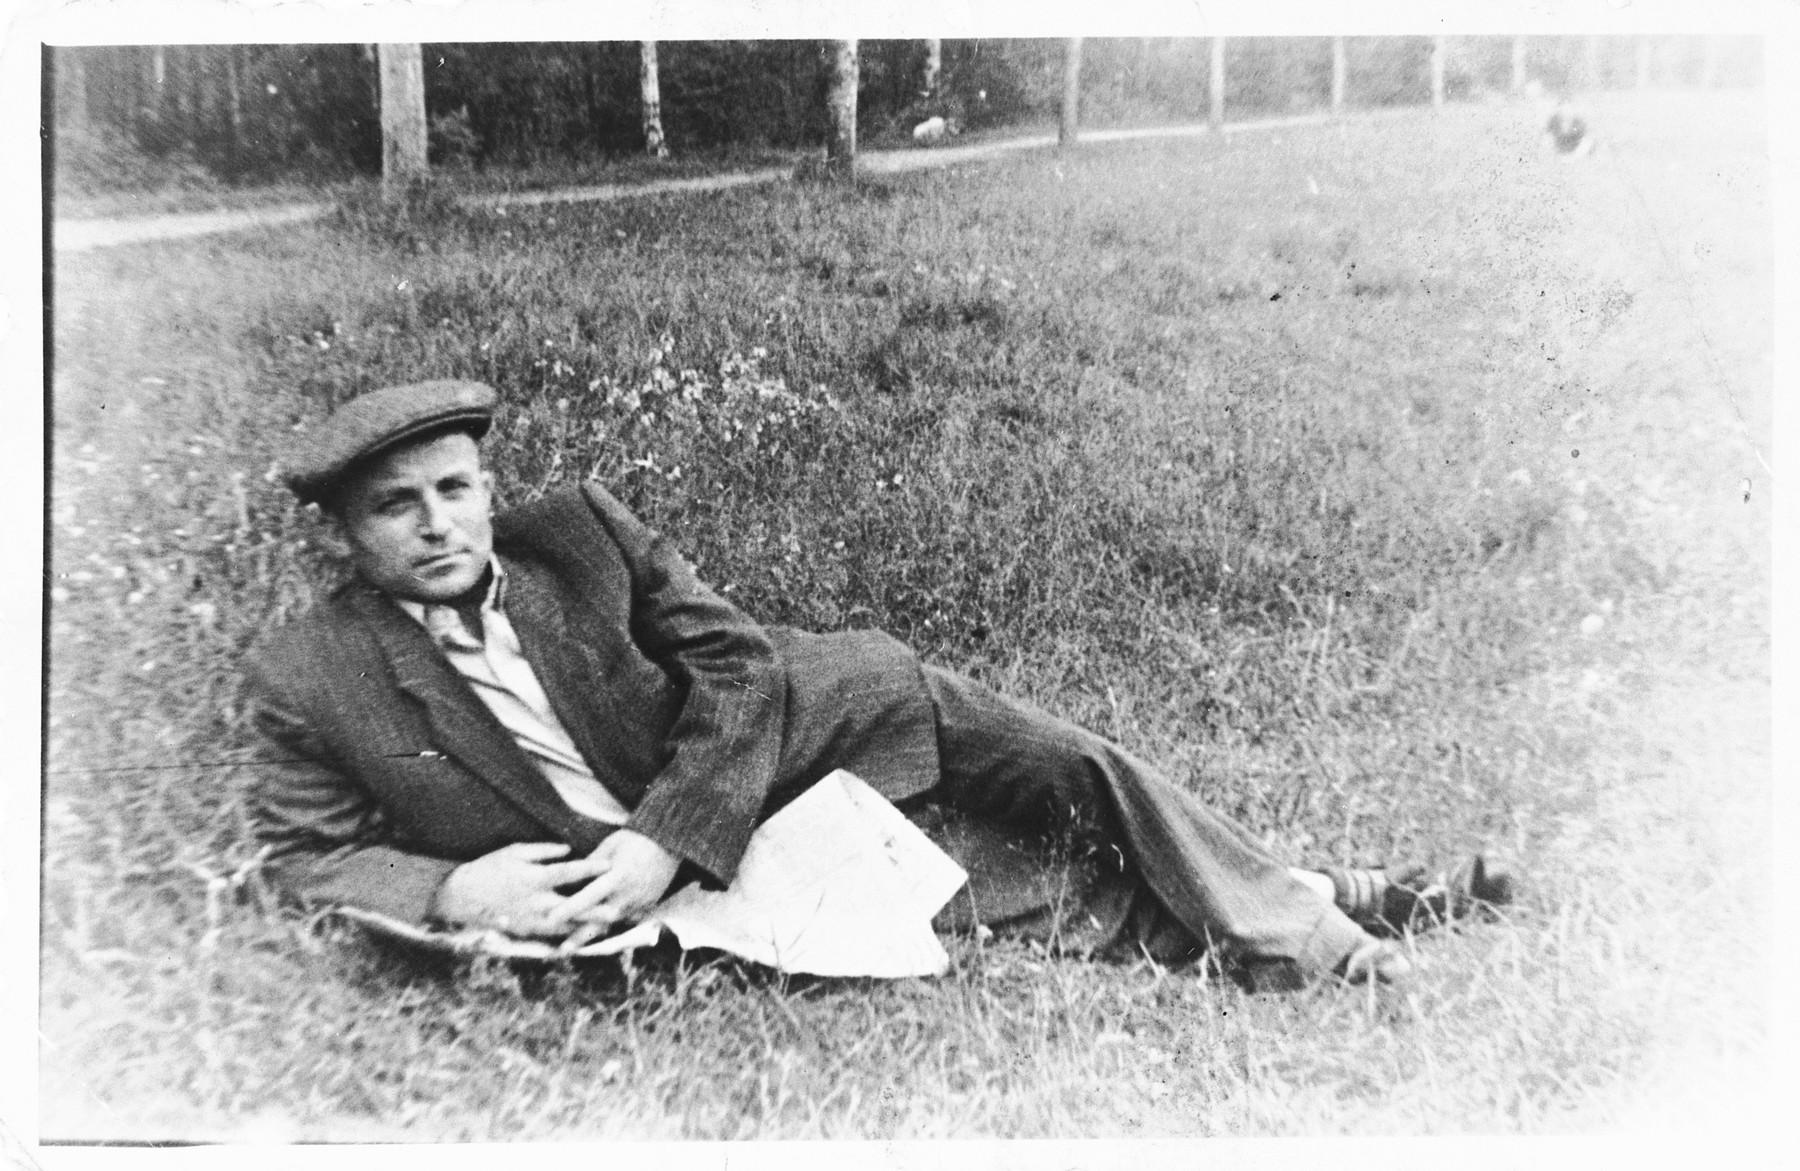 Jankiel Herszkowicz relaxes in a grassy field.